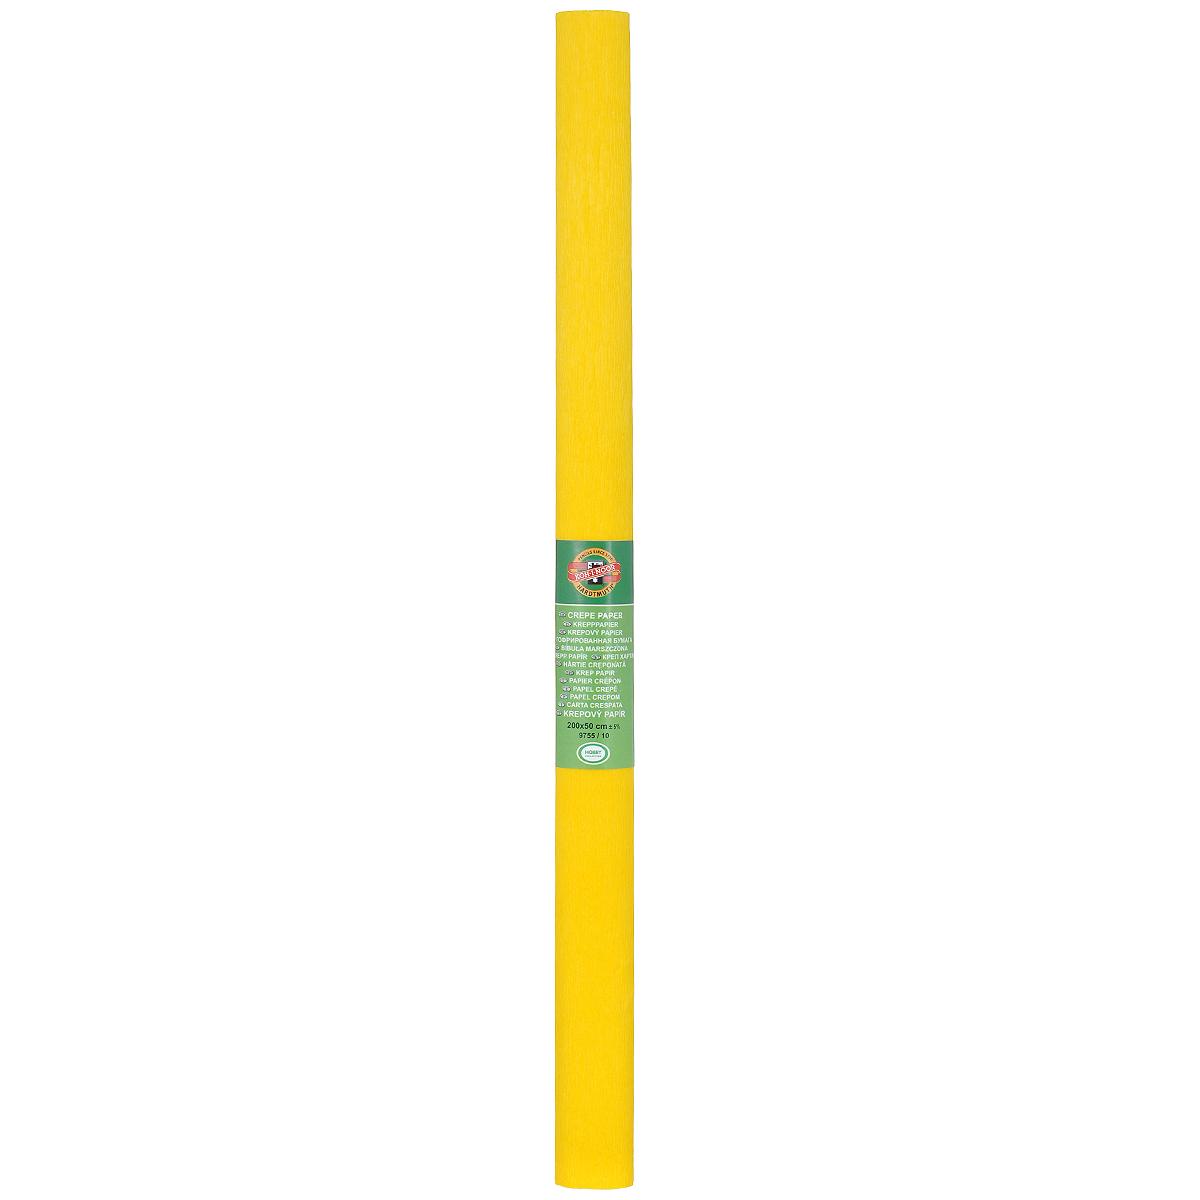 Бумага гофрированная Koh-I-Noor, цвет: темно-желтый, 50 см x 2 м09840-20.000.00Гофрированная бумага Koh-I-Noor - прекрасный материал для декорирования, изготовления эффектной упаковки и различных поделок. Бумага прекрасно держит форму, не пачкает руки, отлично крепится и замечательно подходит для изготовления праздничной упаковки для цветов.